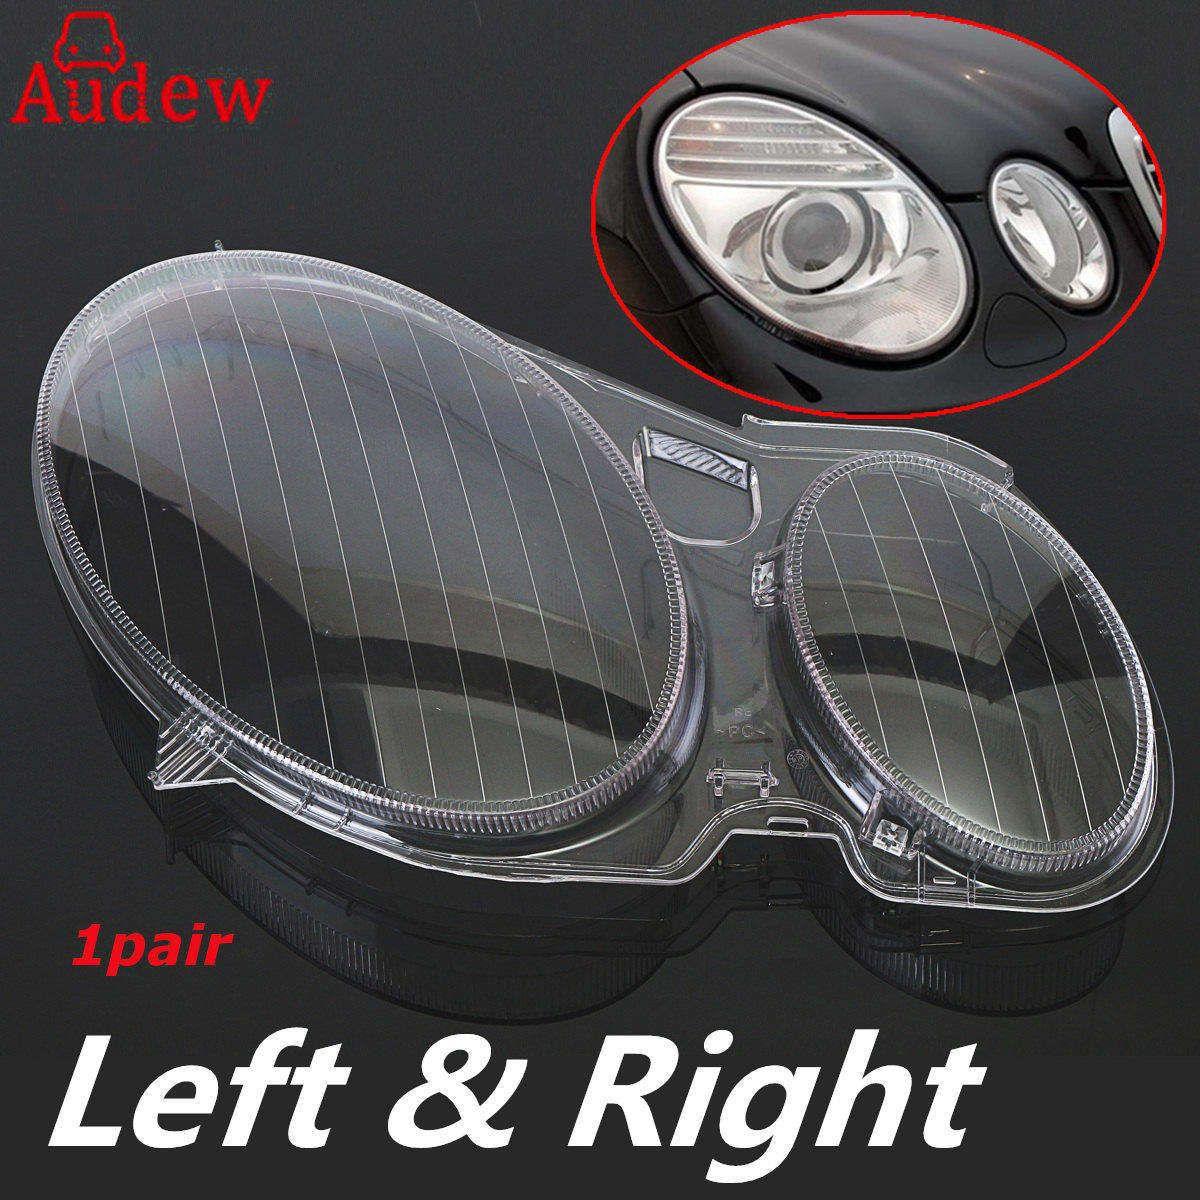 1Pair Car Headlight Lens Clear Lens Headlamp Cover For Mercedes for Benz E320 E350 E280 E300 E500 E550 E CLASS W211 2002-2008